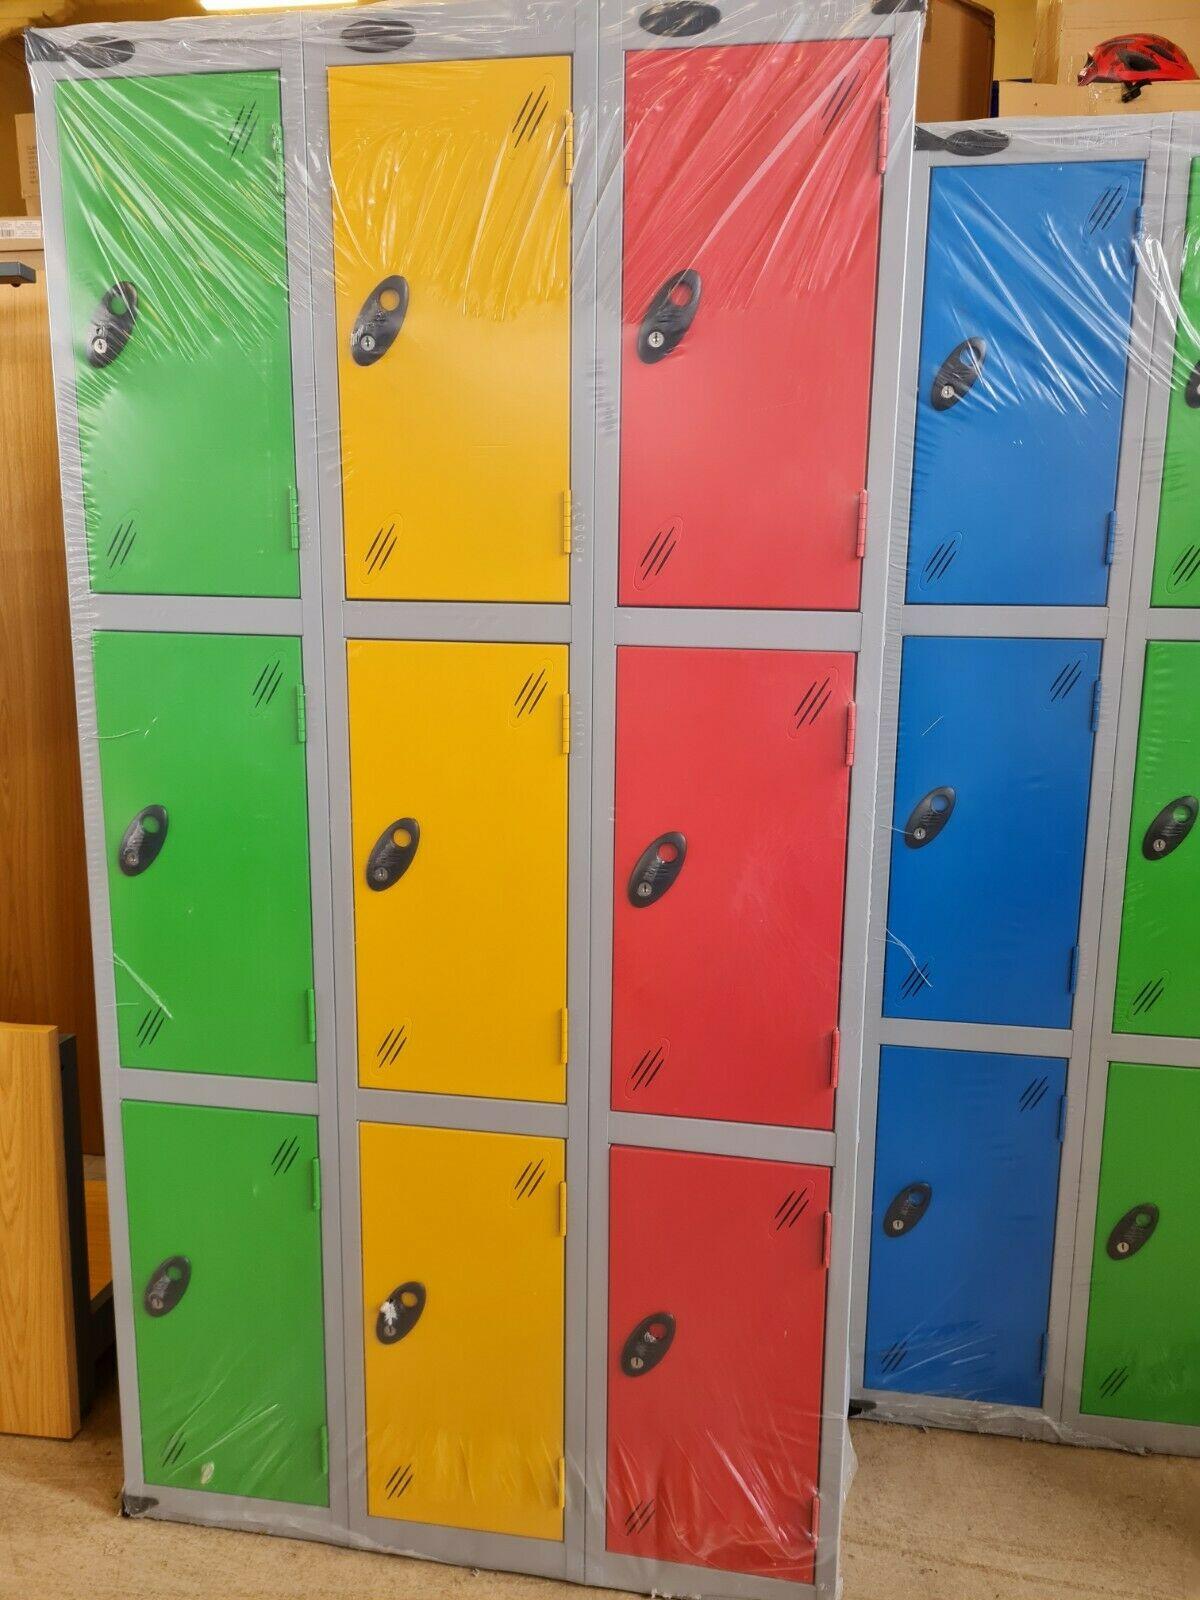 3 door lockers in blocks of 3 gym school factory personal. £150 plus vat.